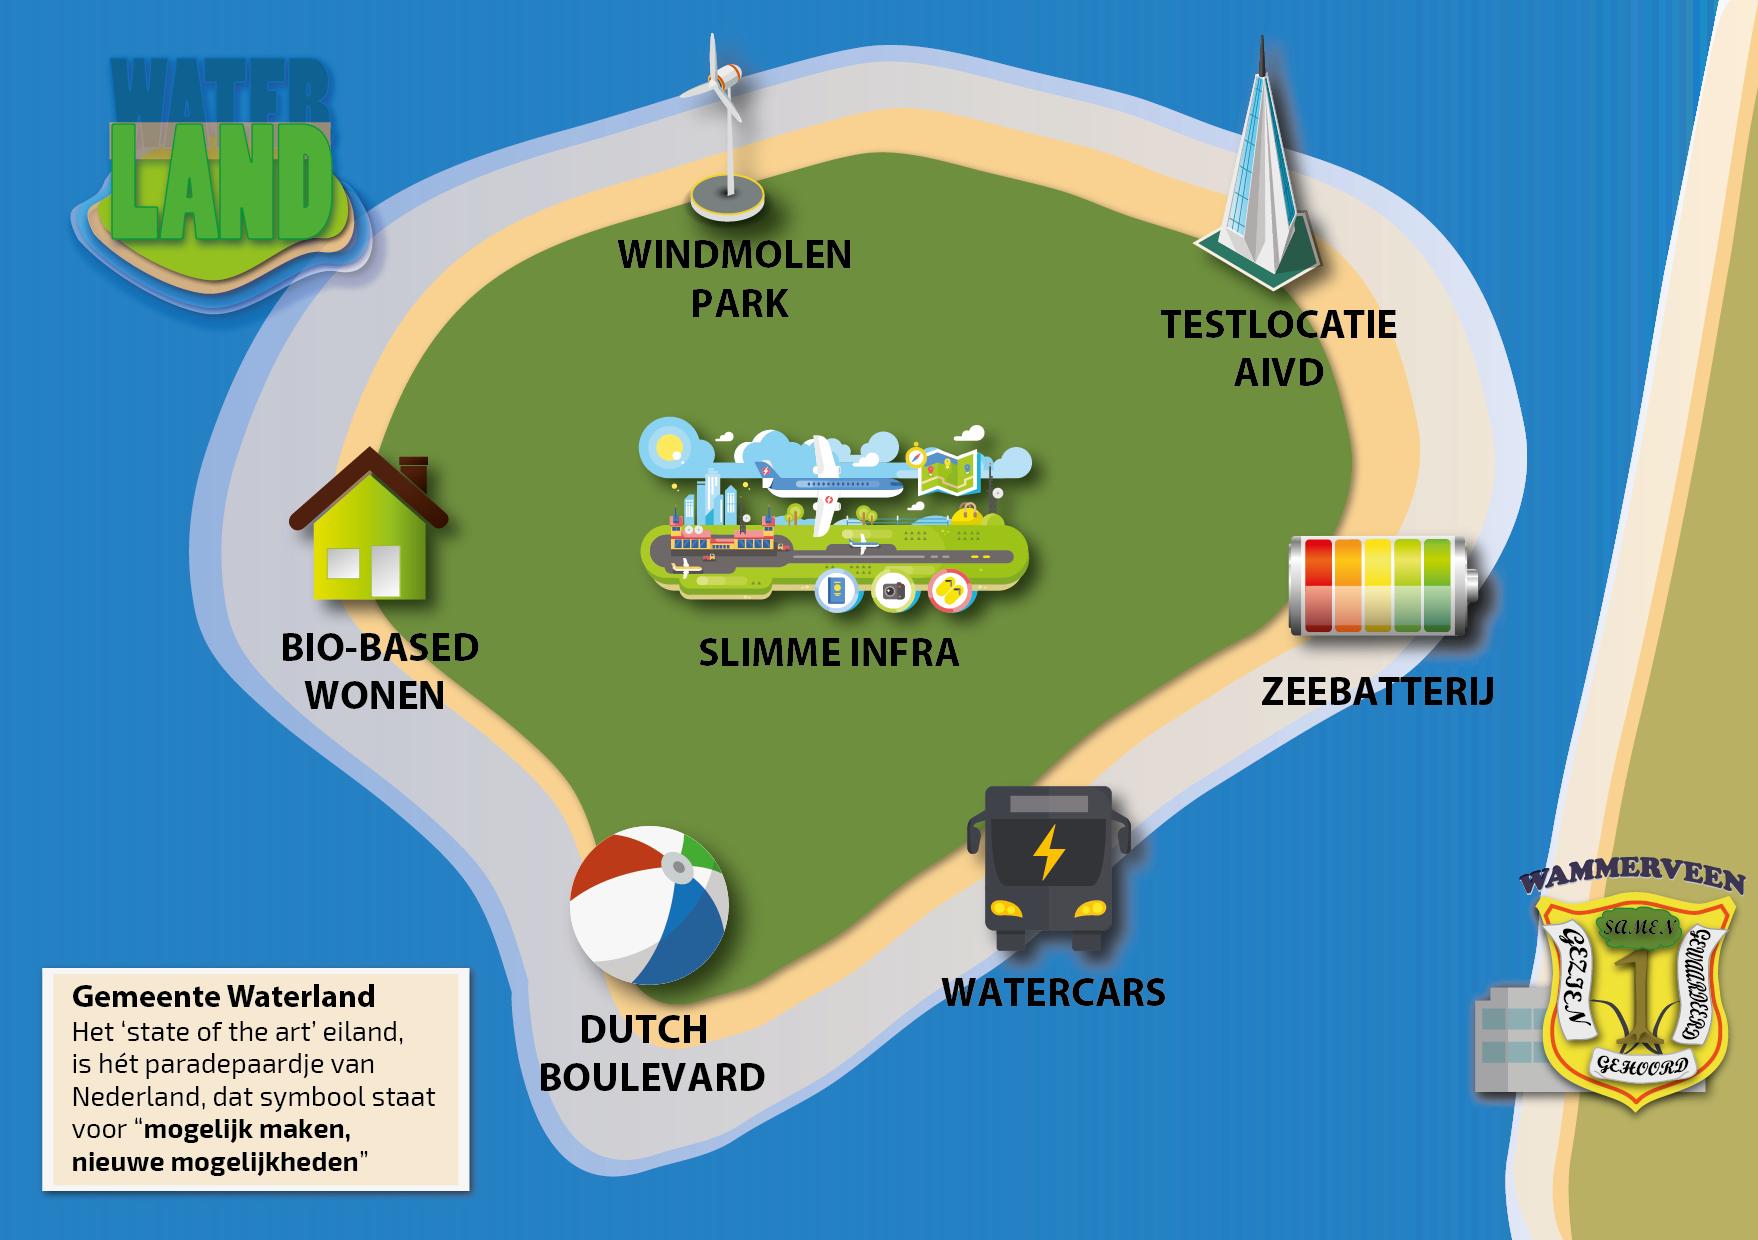 Waterland, het parardepaardje van Nederland.